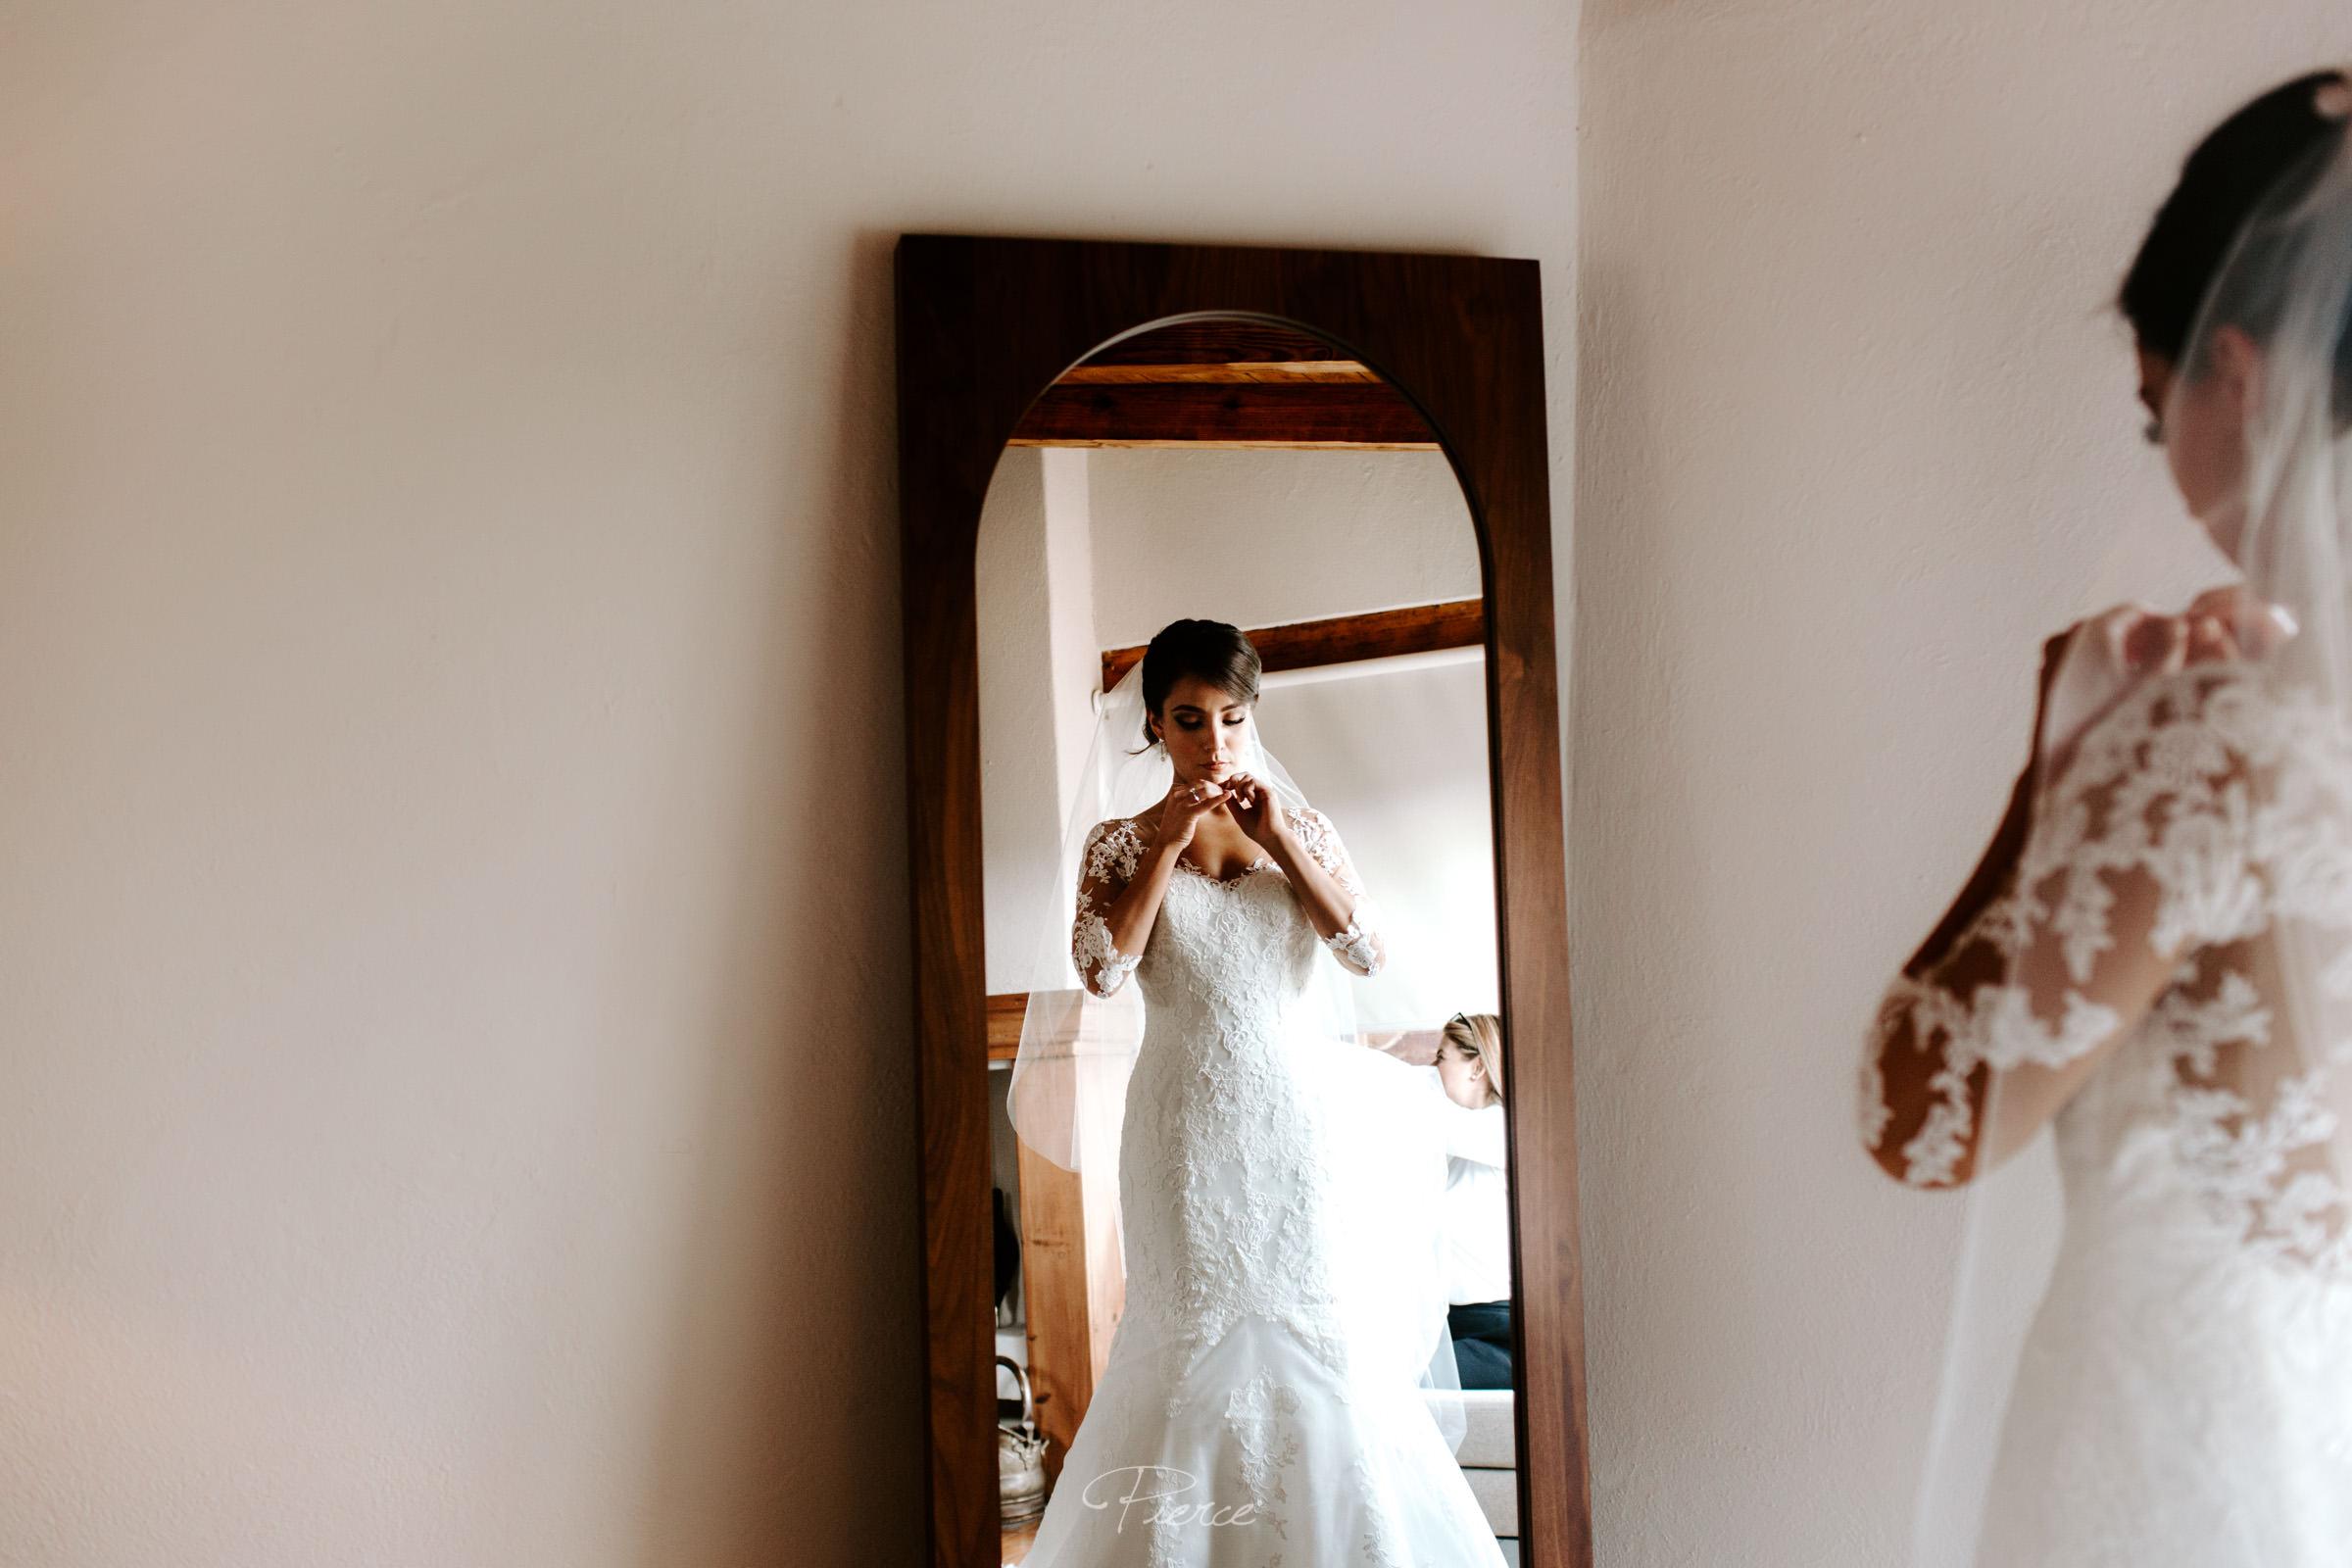 fotografia-de-boda-valle-de-bravo-mexico-rosmarino-pierce-weddings-0017.JPG